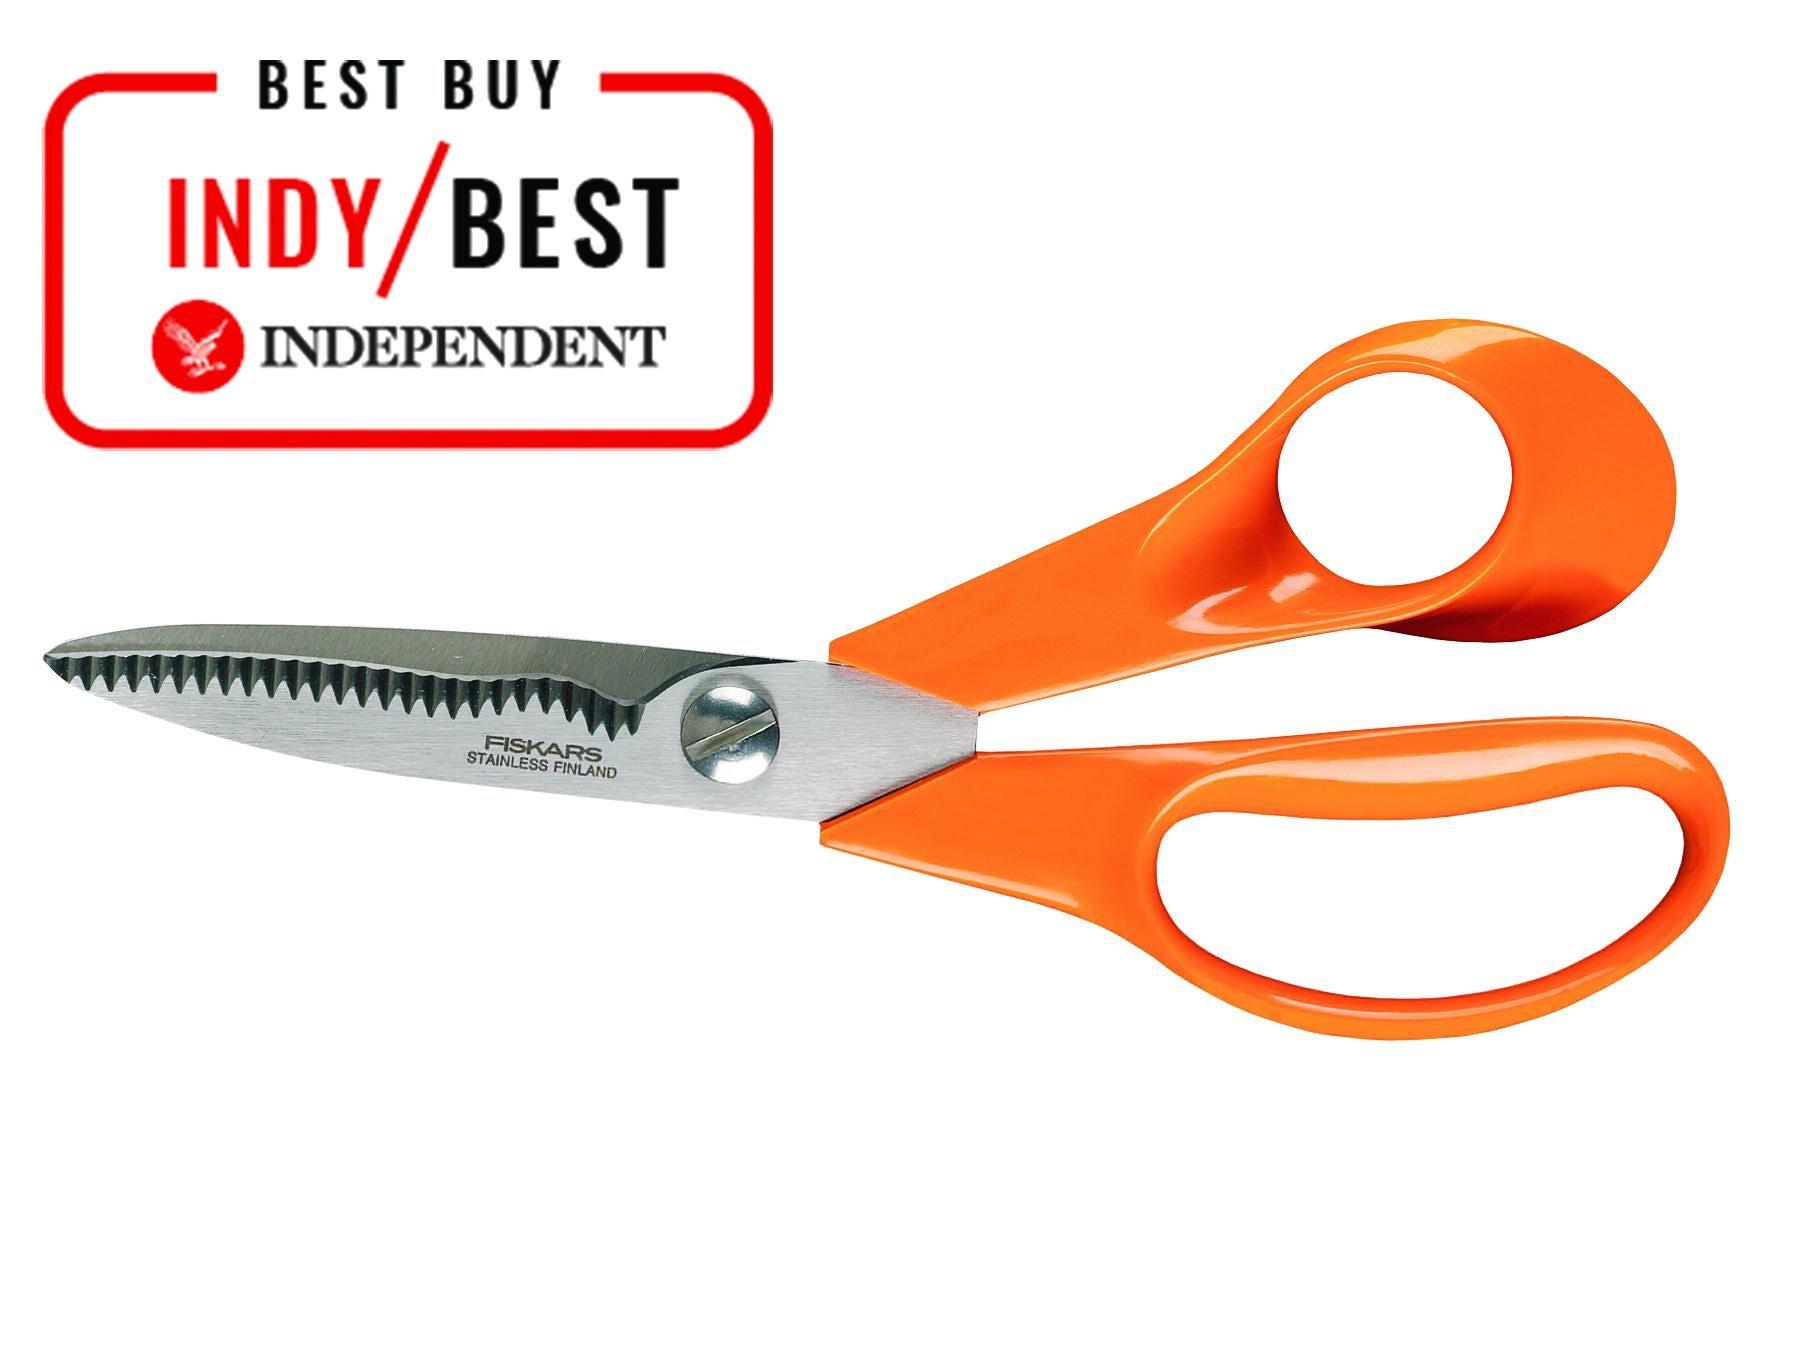 fiskars classic kitchen scissors 1228 amazon - Best Kitchen Scissors